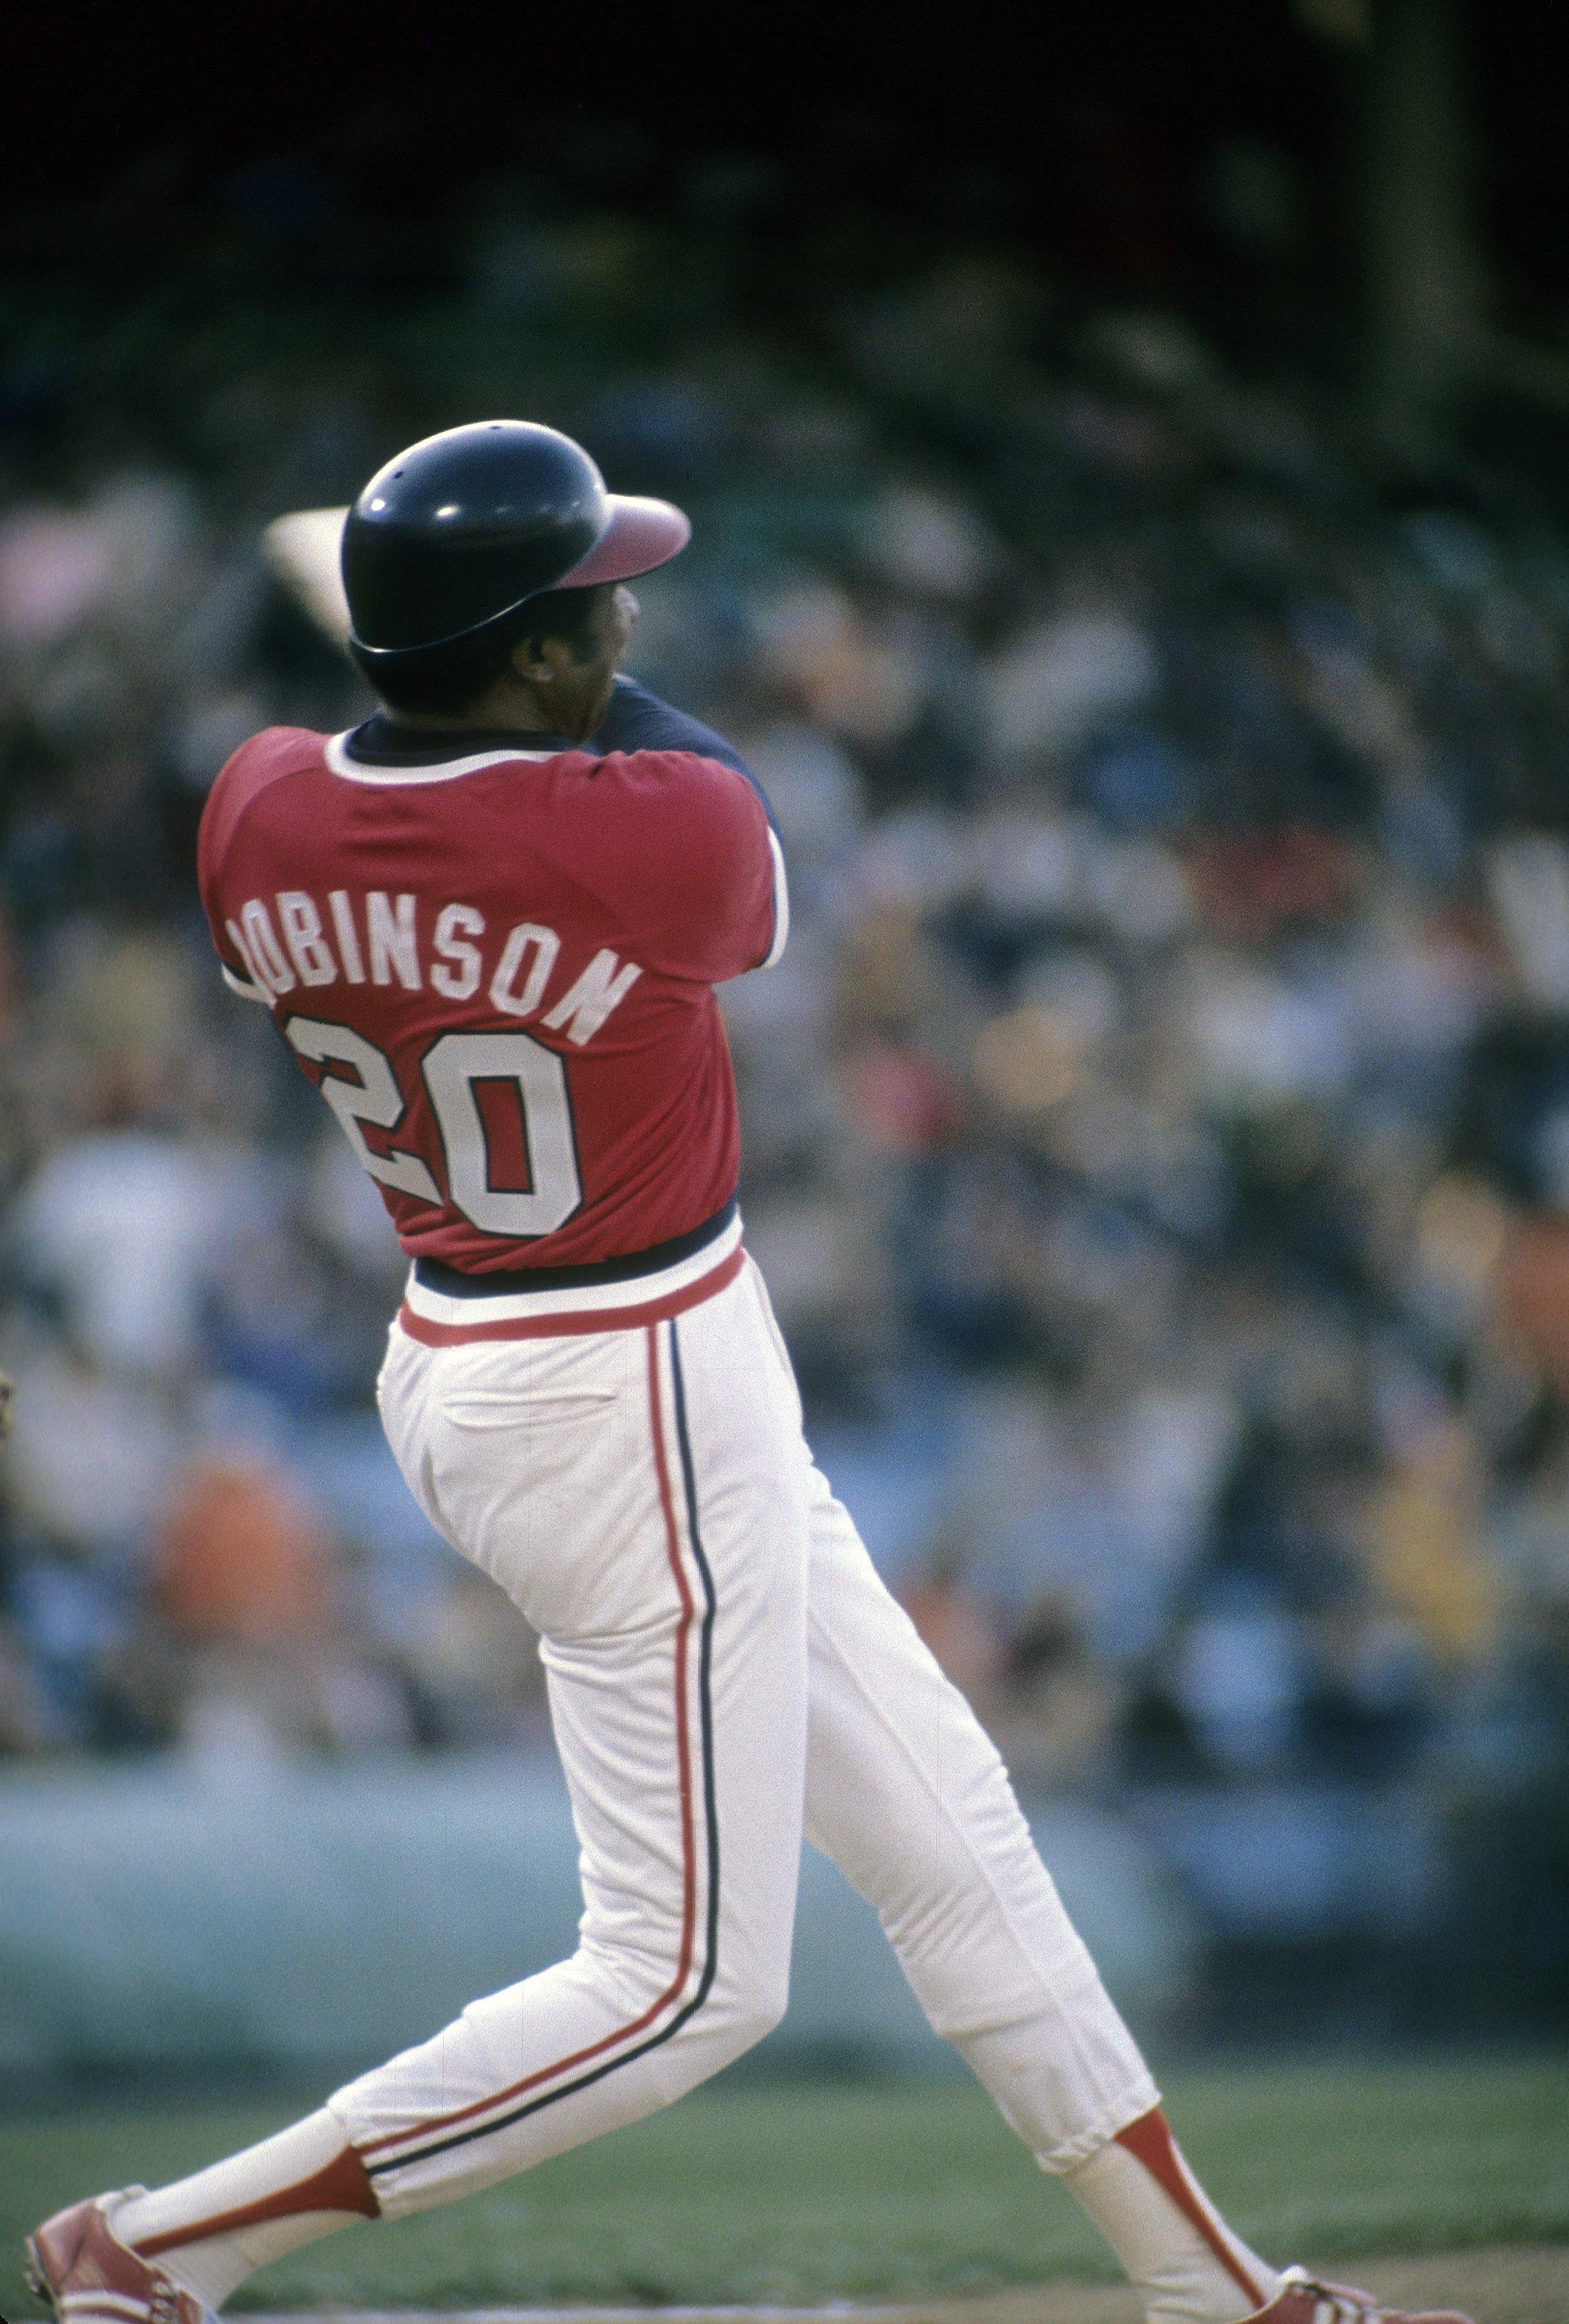 20-robinson.jpg